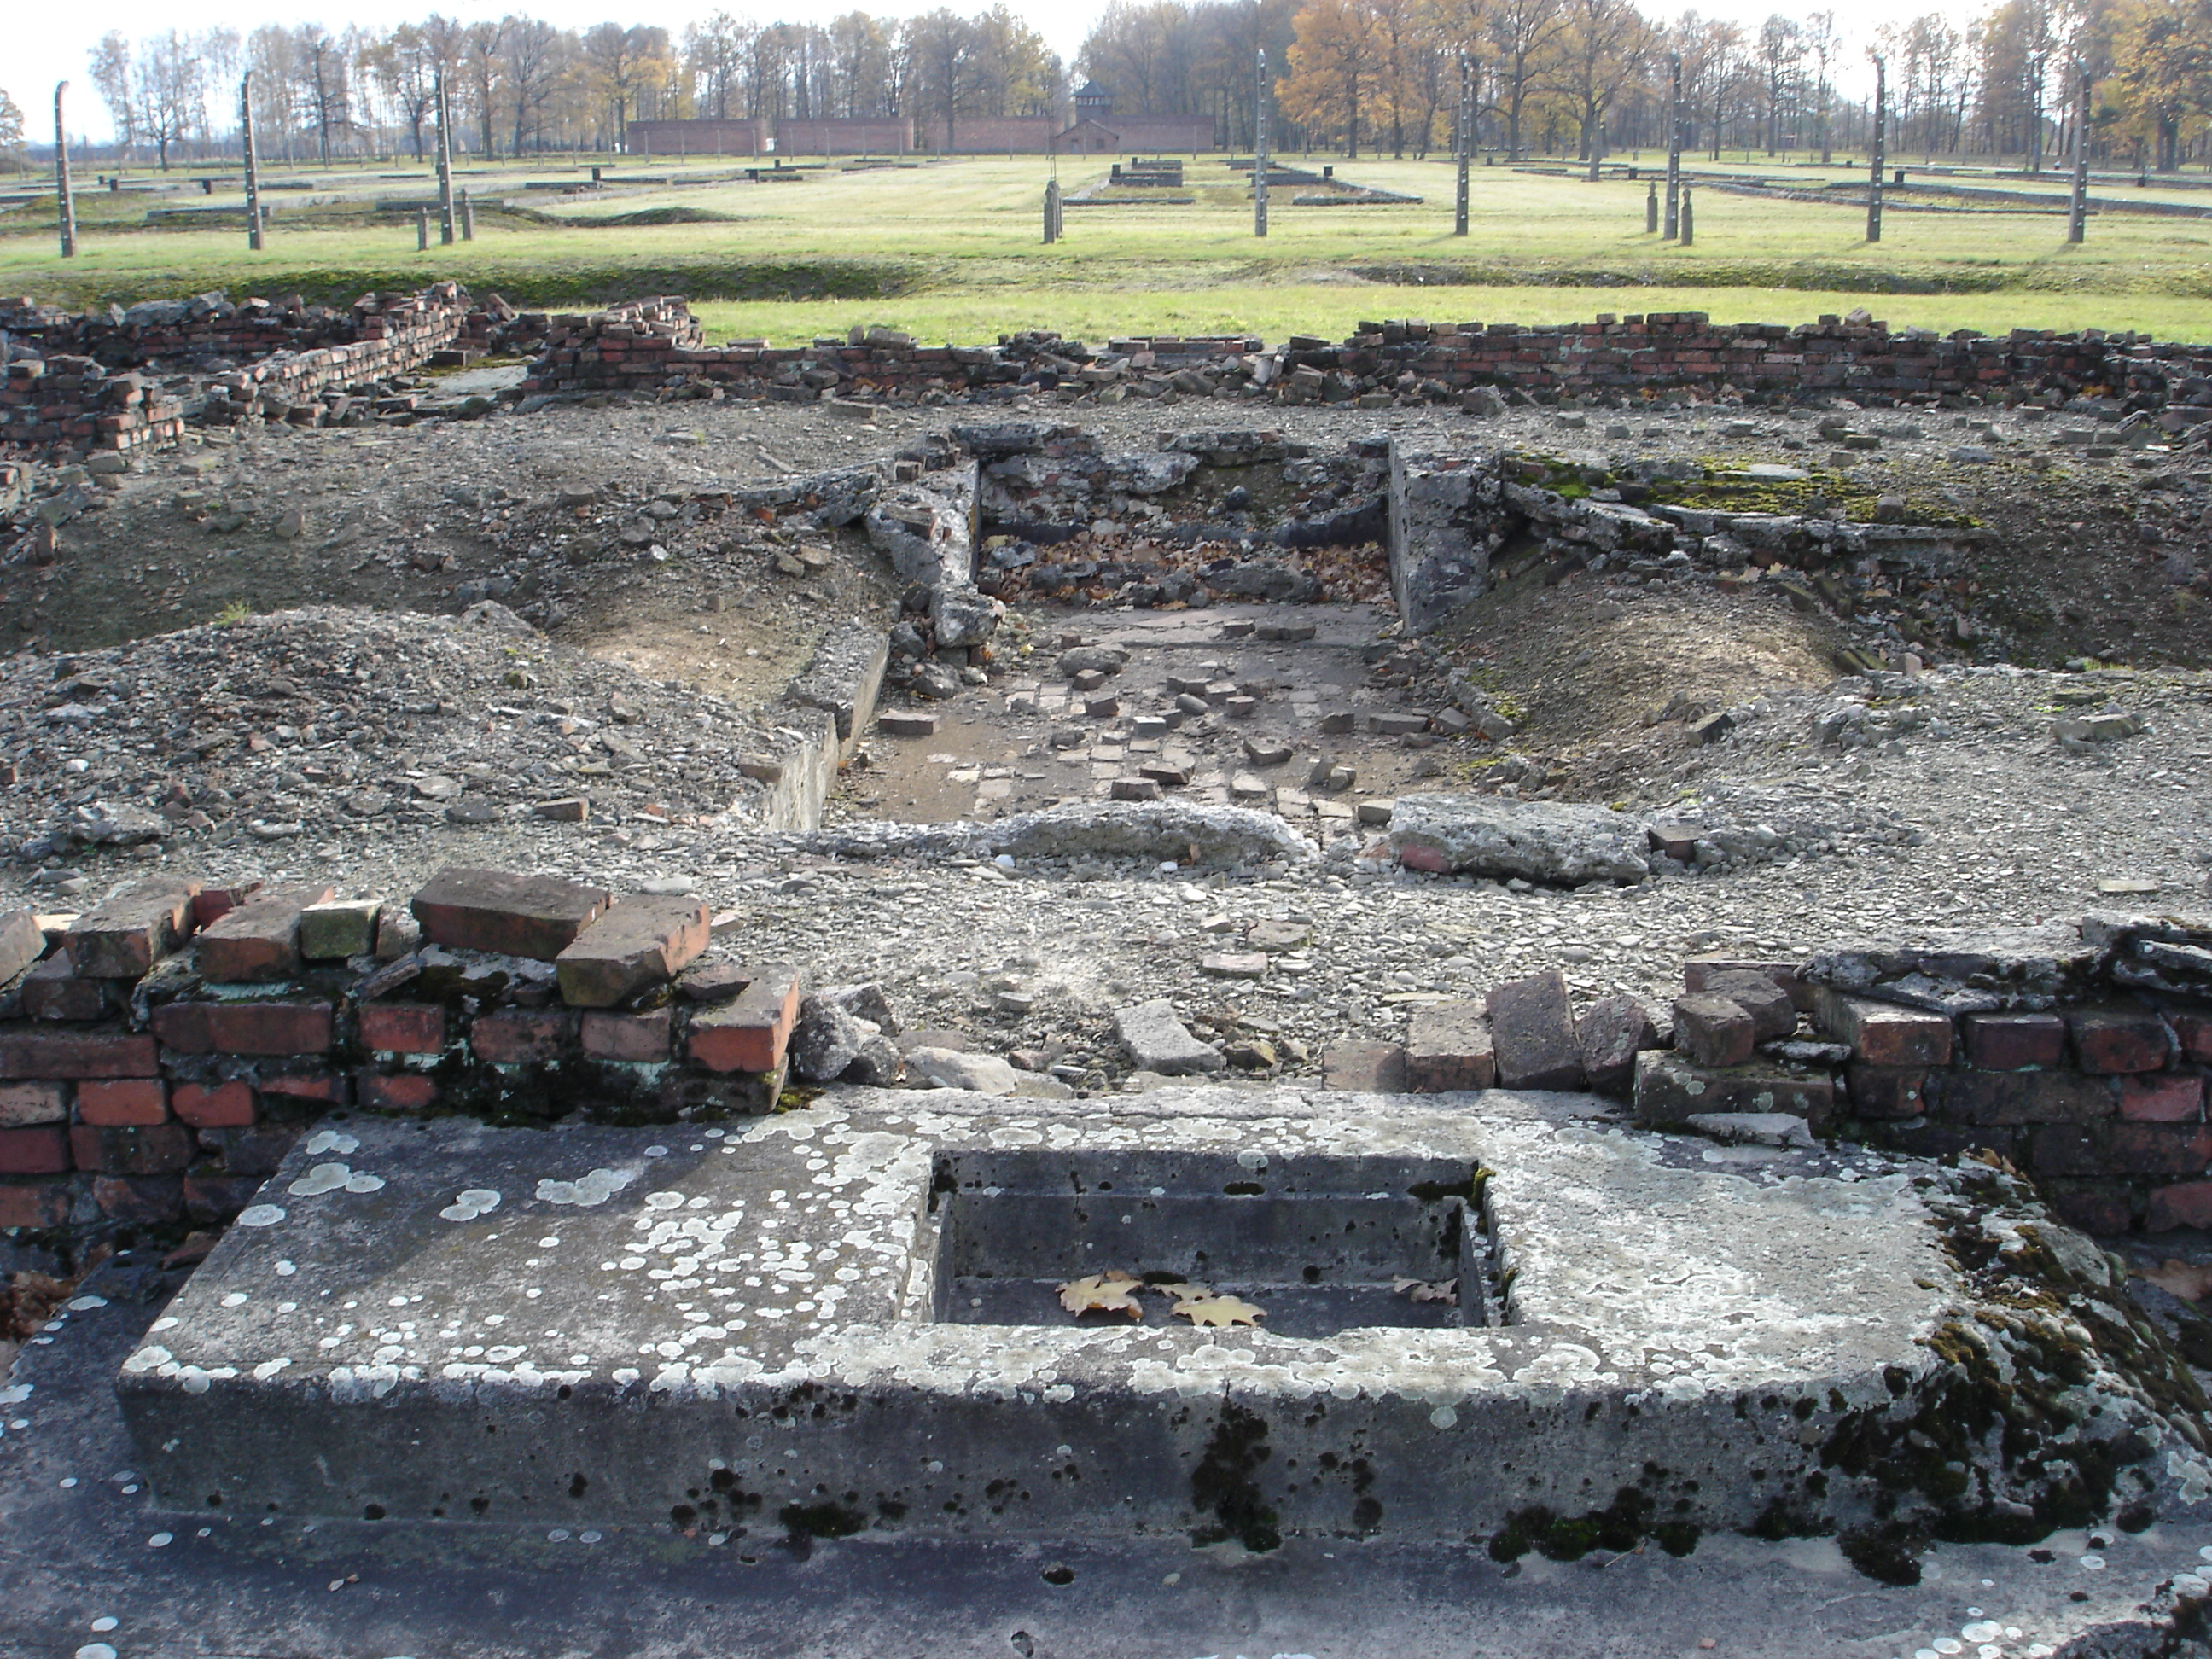 http://upload.wikimedia.org/wikipedia/commons/9/95/Auschwitz_Birkenau_Krematorium_IV_-_05.jpg